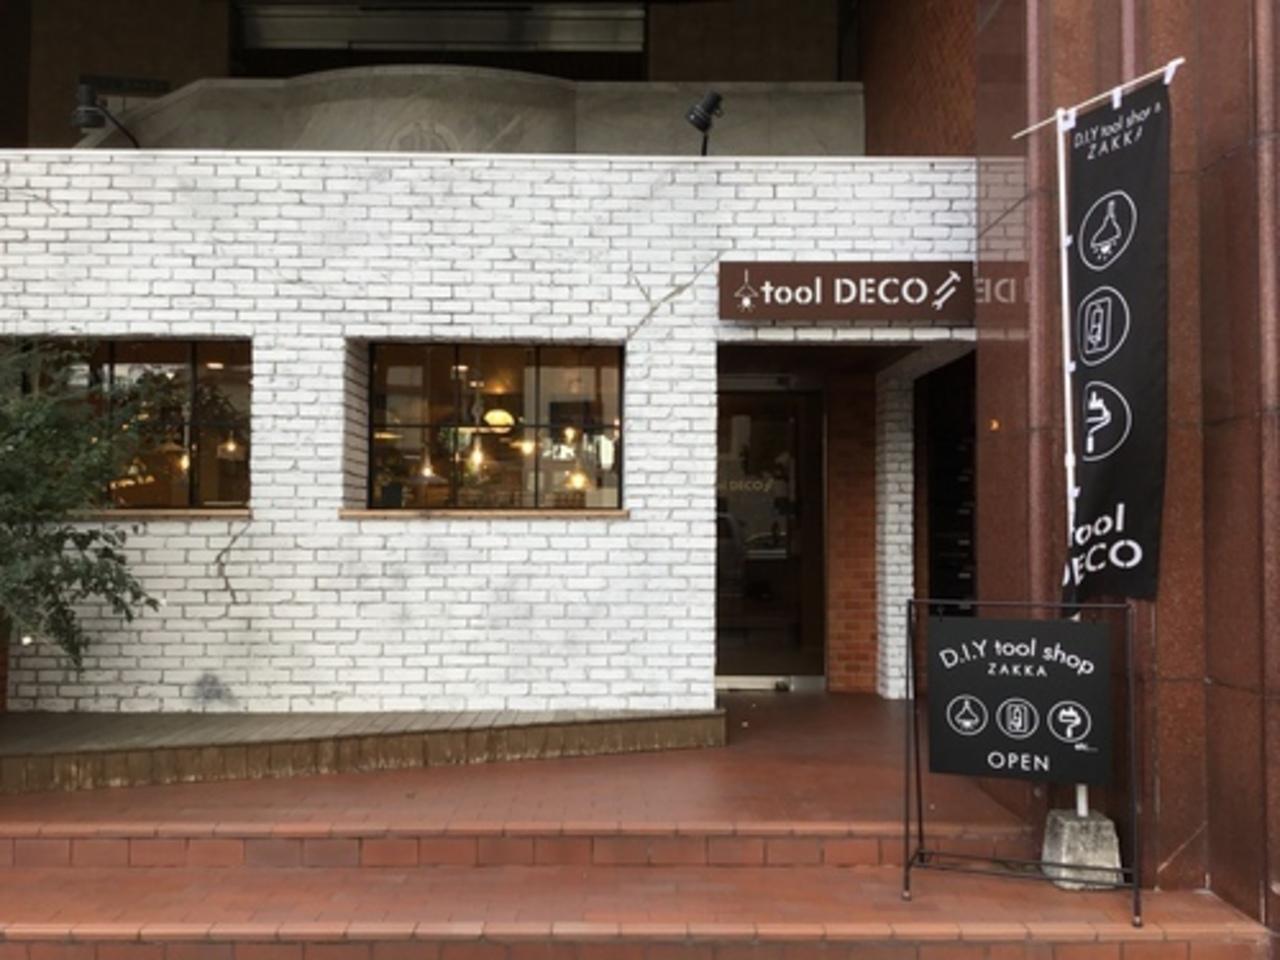 【 tool DECO 】雑貨店(鹿児島県鹿児島市)